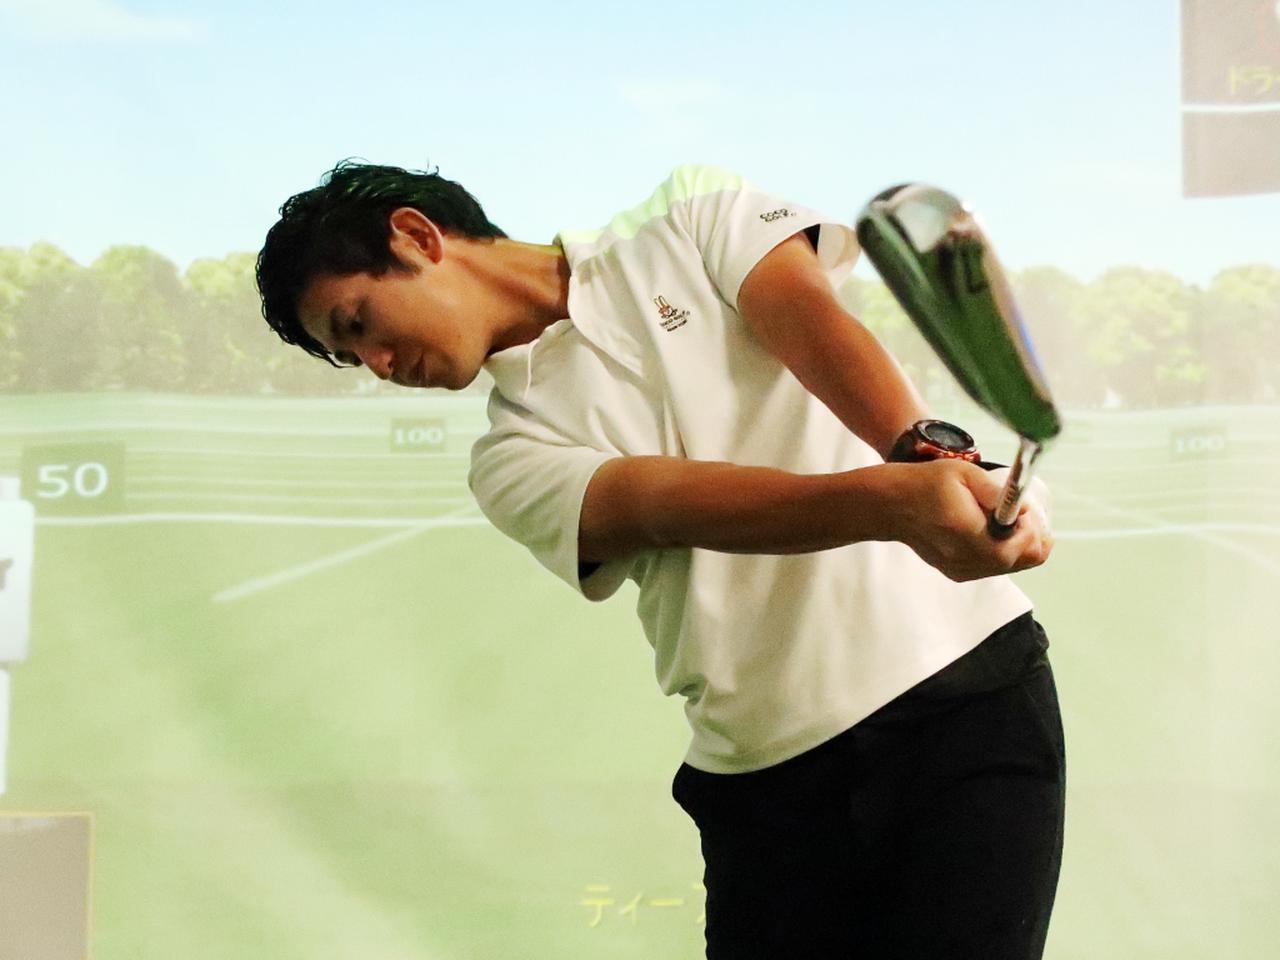 画像: 肩の高さくらいまで腕を目標方向へ向けて真っすぐ伸ばしていくイメージで振り抜こう